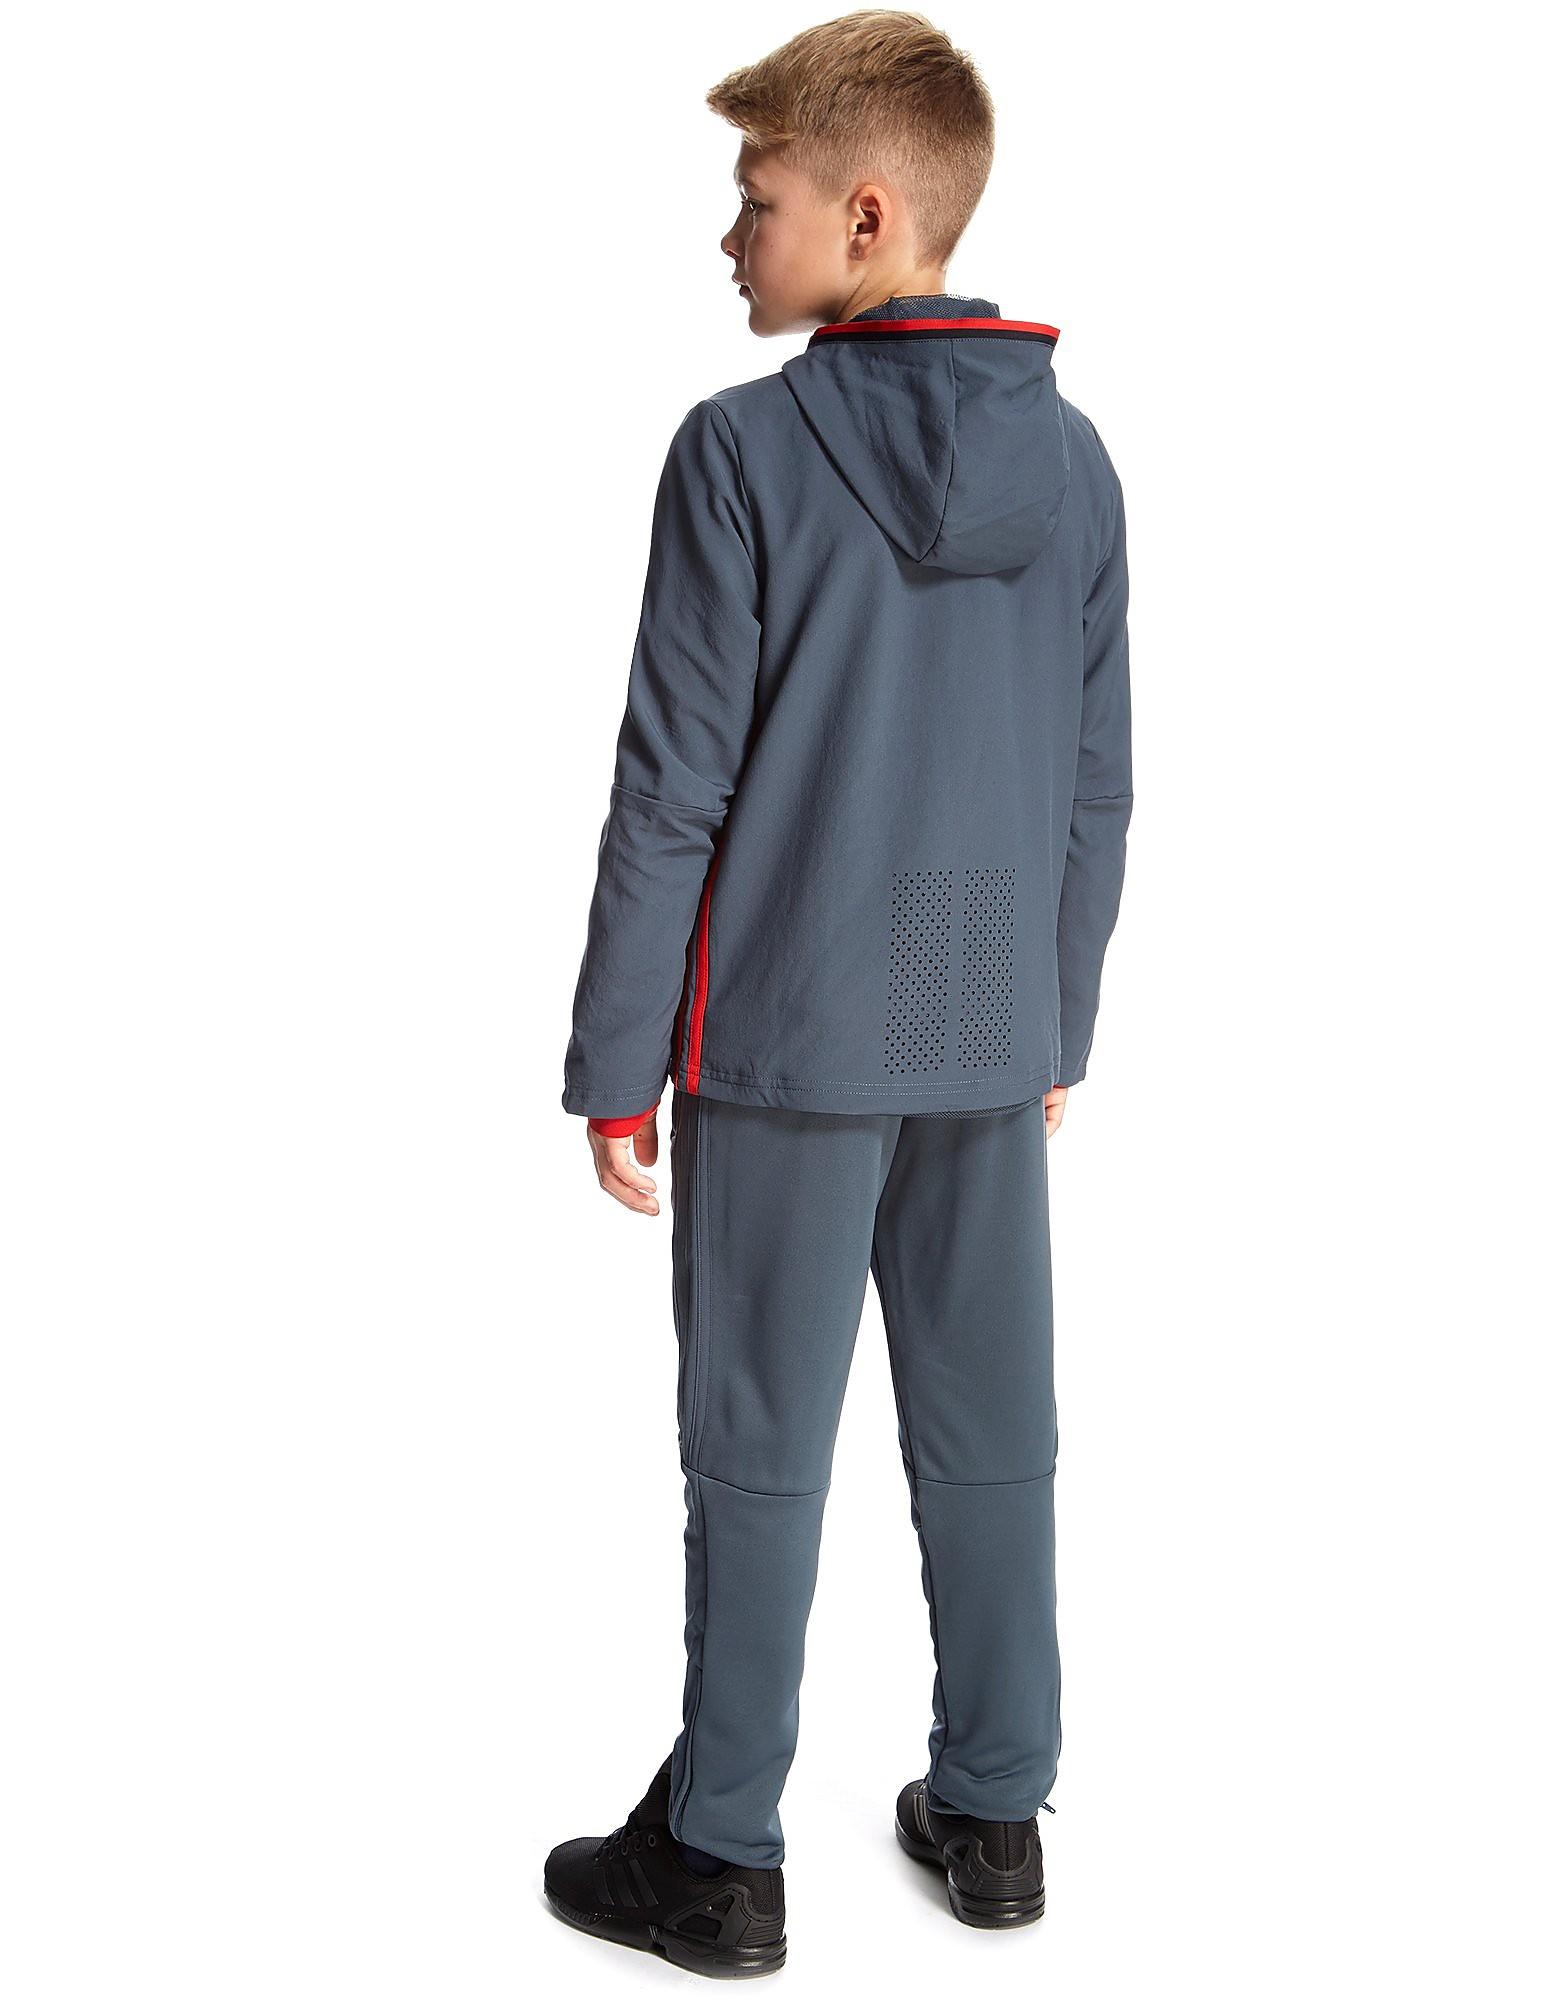 adidas Belgium Presentation Suit Junior